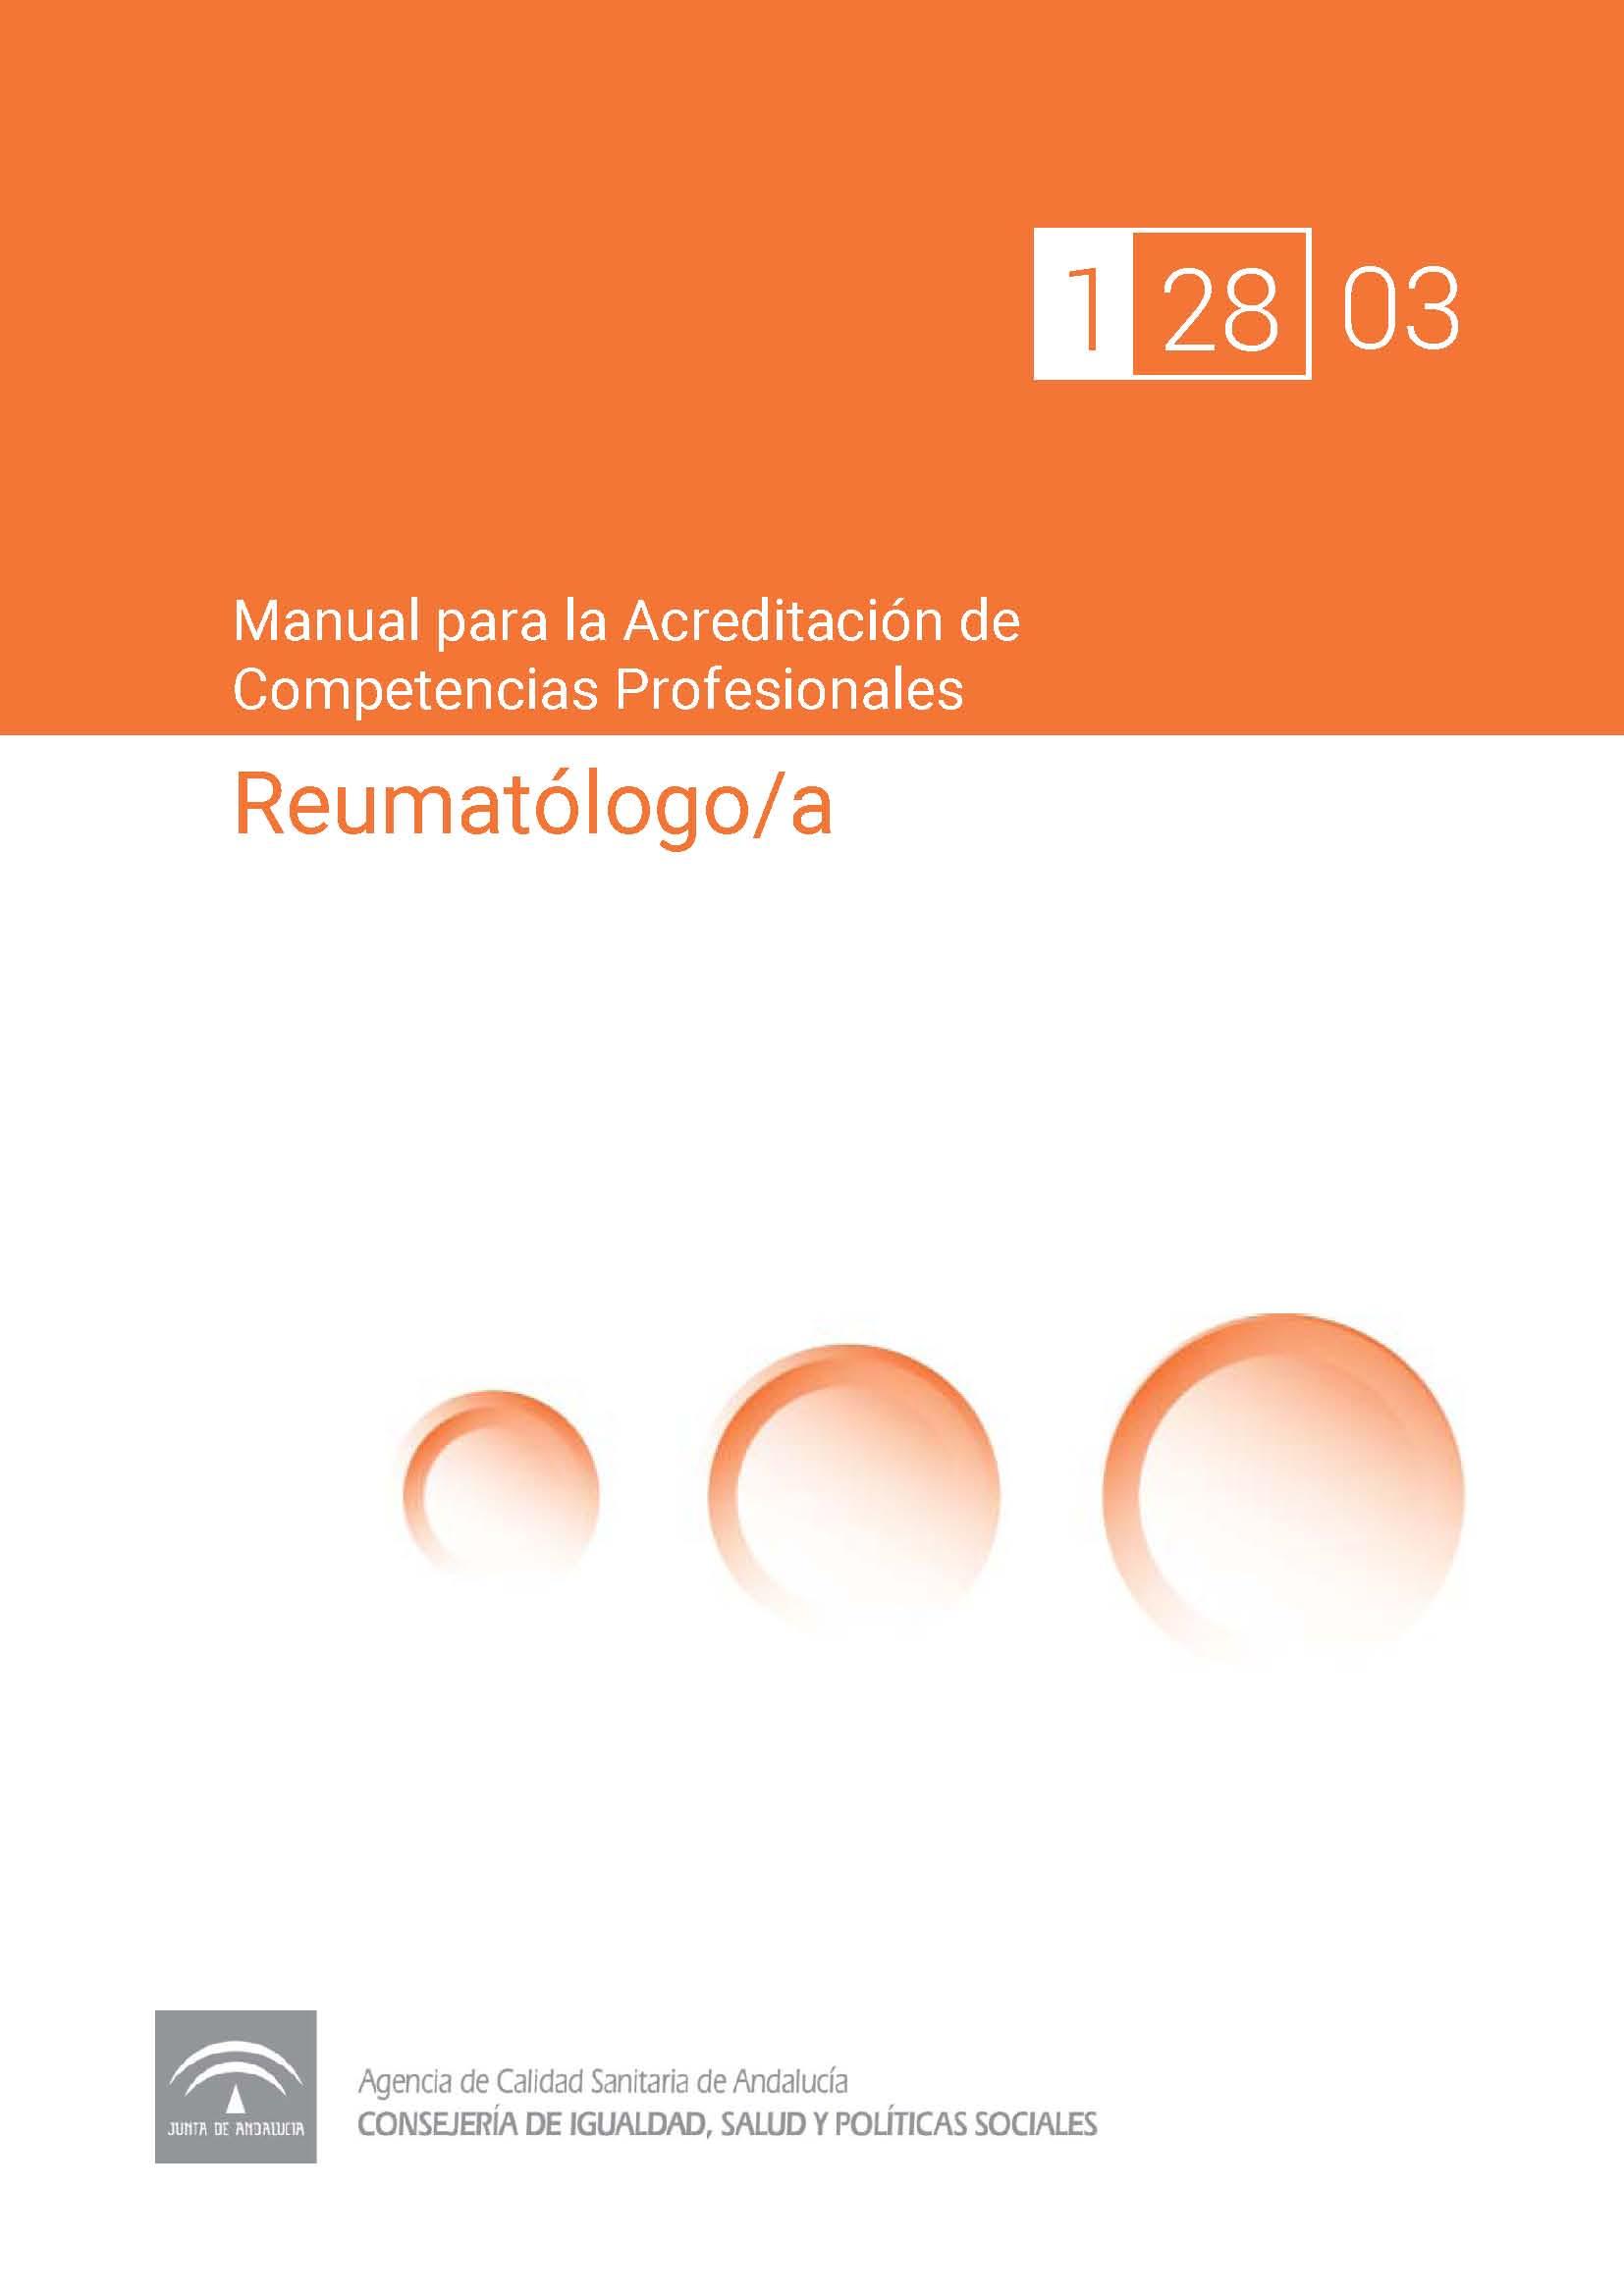 Manual de competencias profesionales del/de la Reumatólogo/a